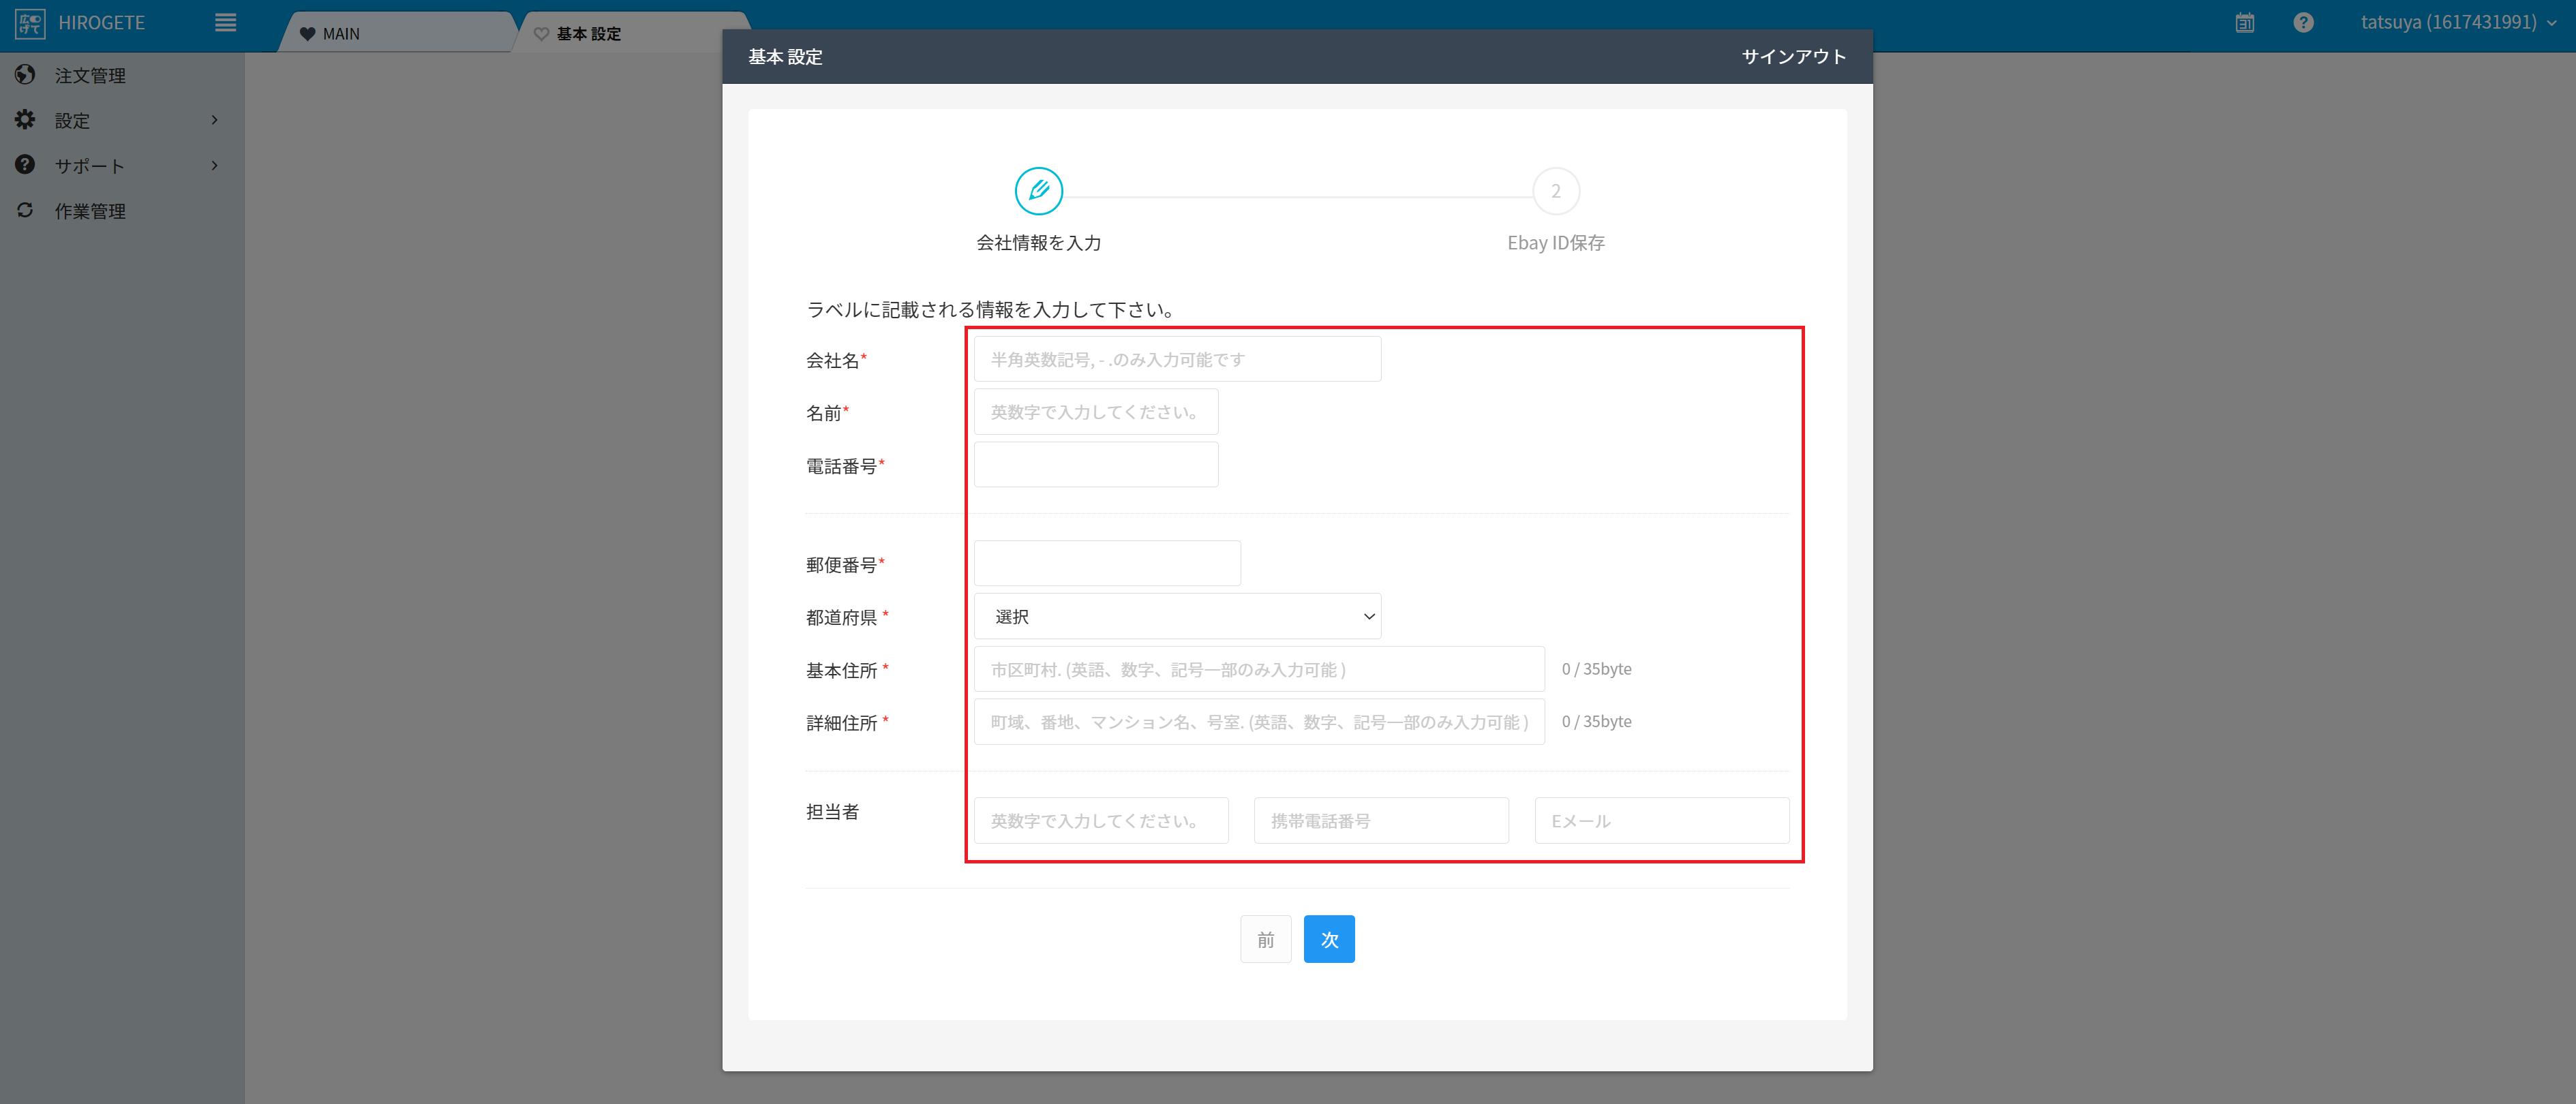 会社情報の登録画面